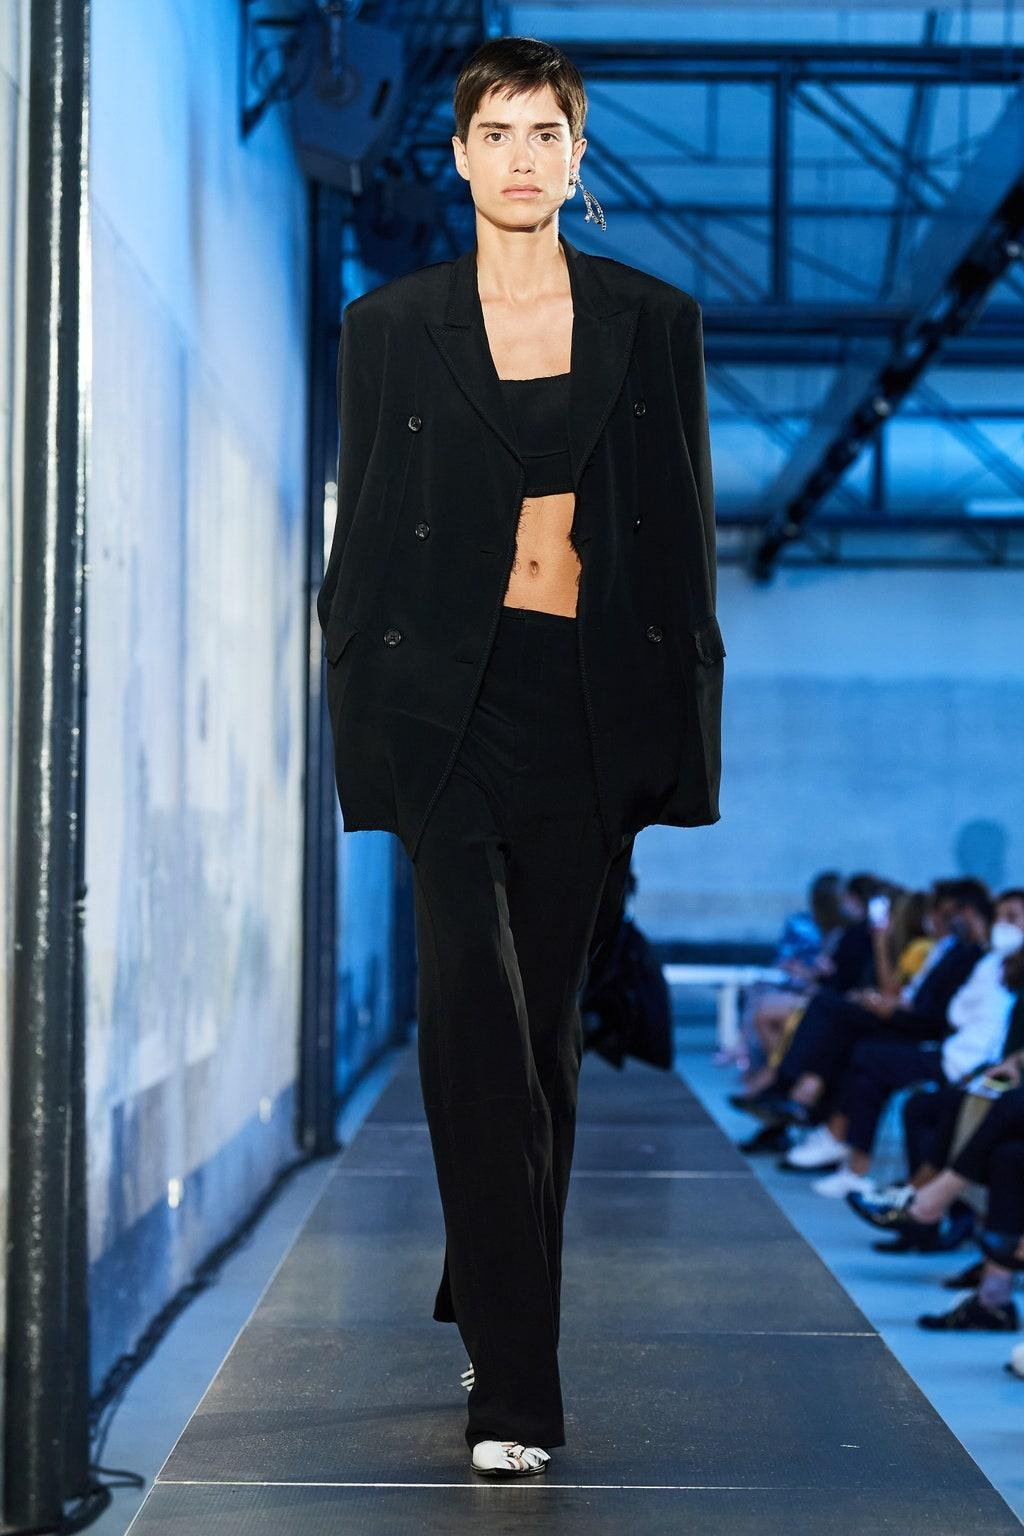 سروال واسع بليزر وسعة بناطيل وسعة موضة صيحة اخر ربيع وصيف 2021  black wide leg suit blazer fashion trend spring summer